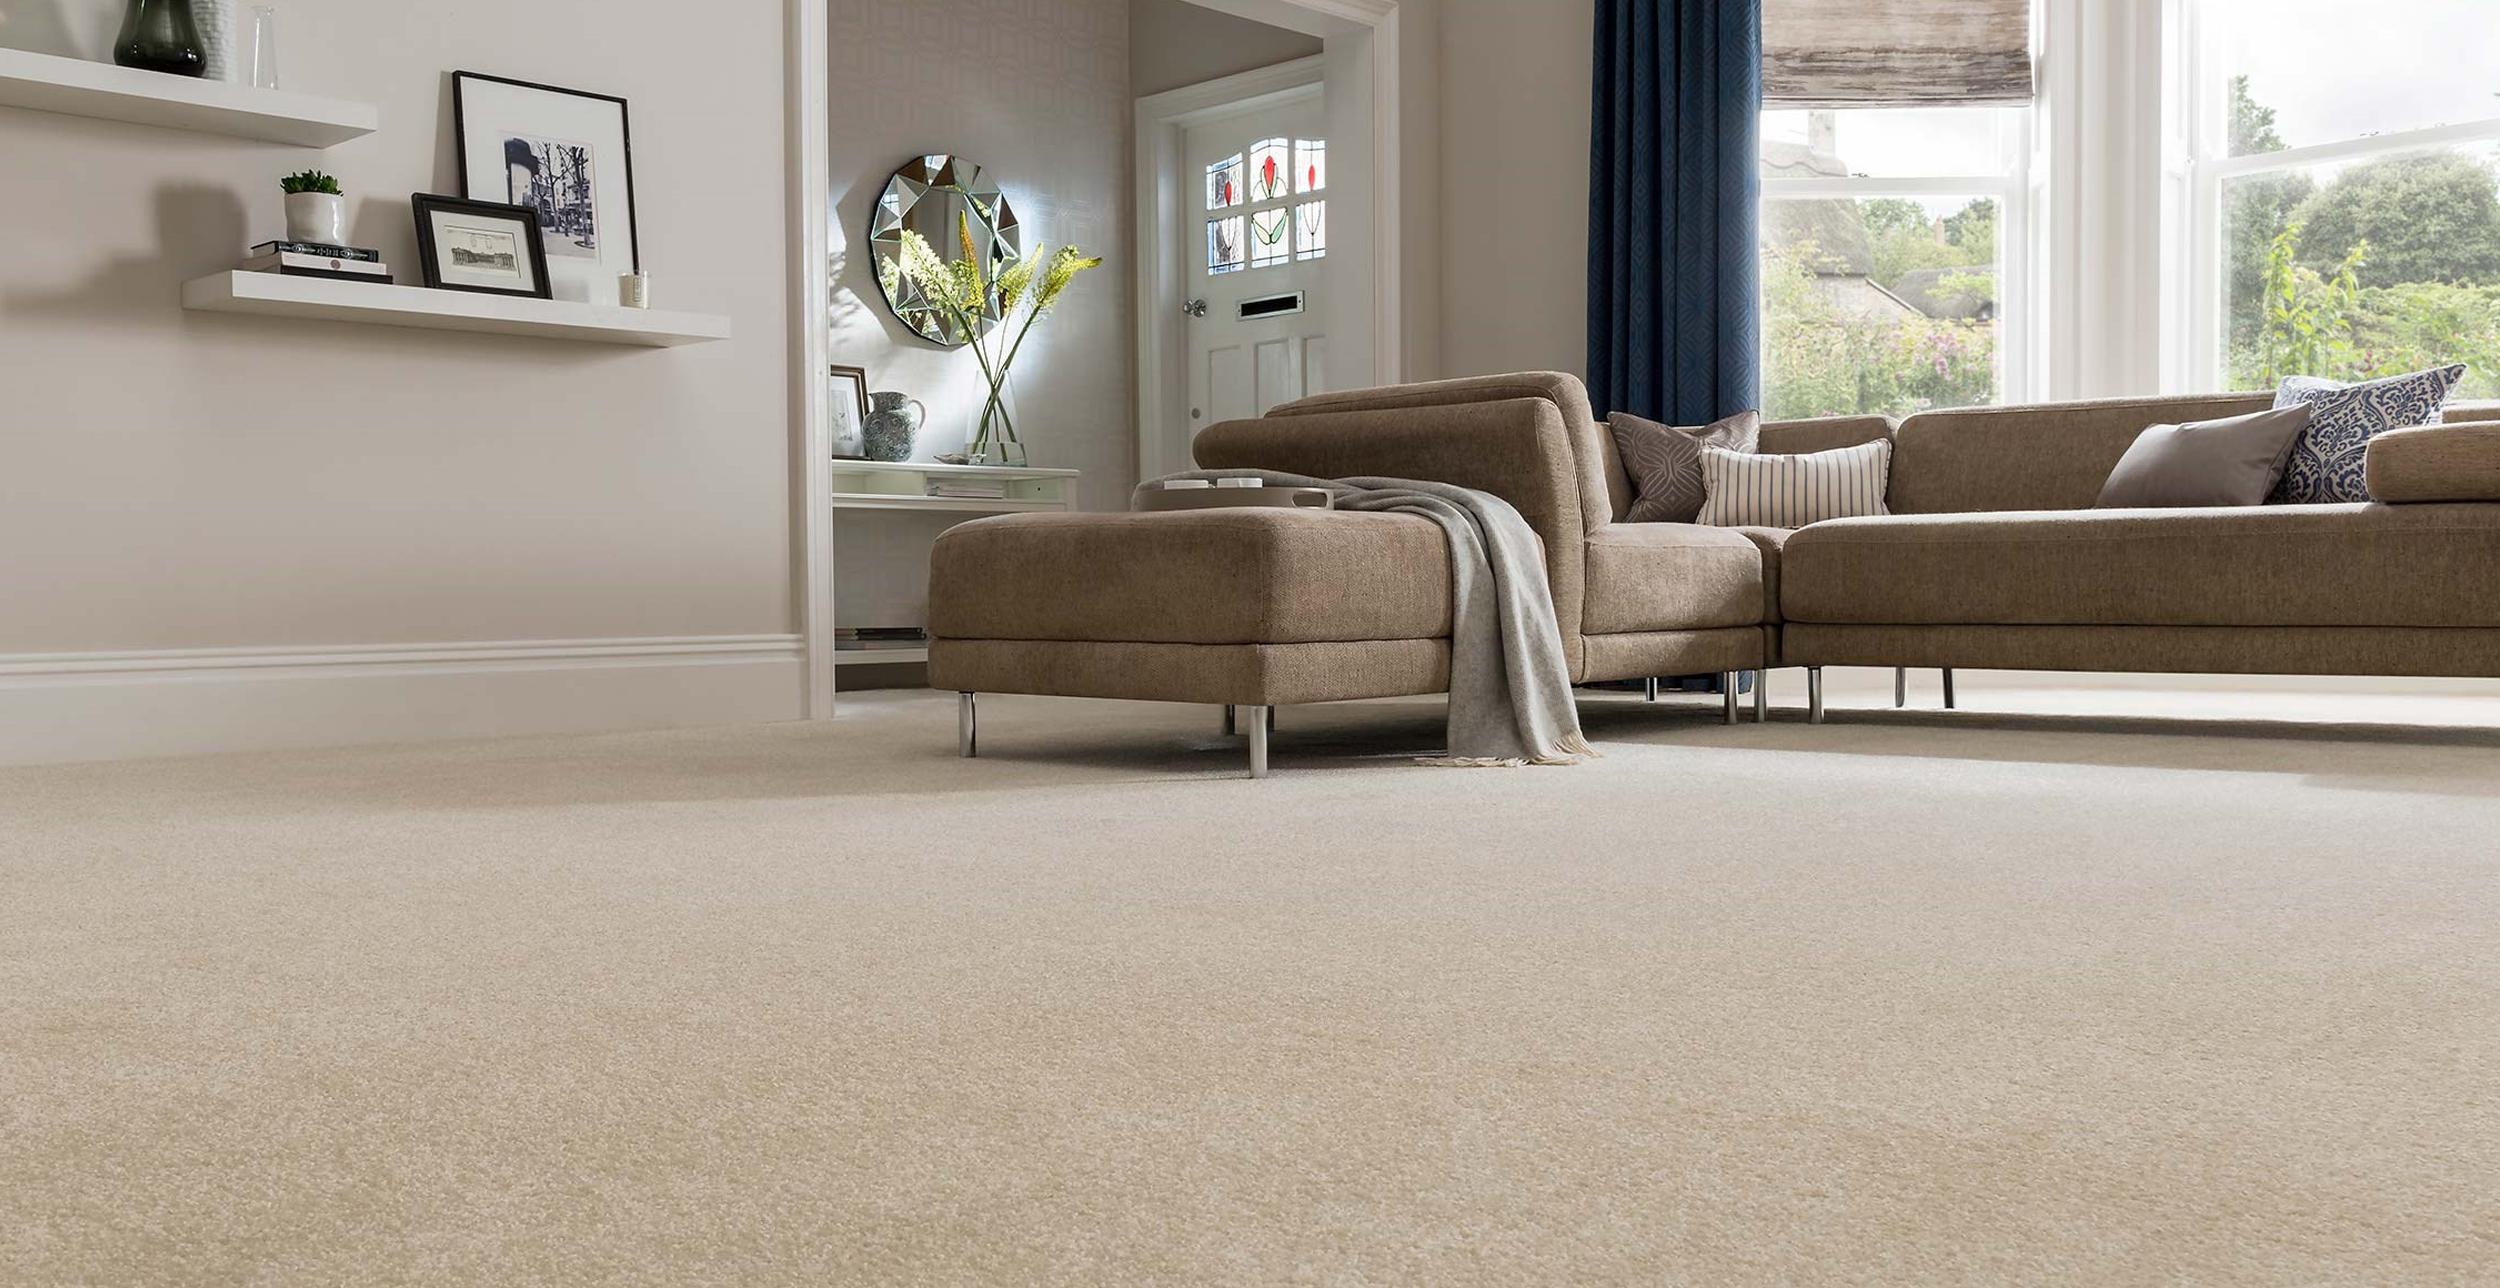 Non-Slip Flooring for Your Home   Weaver Carpets   Denver ...